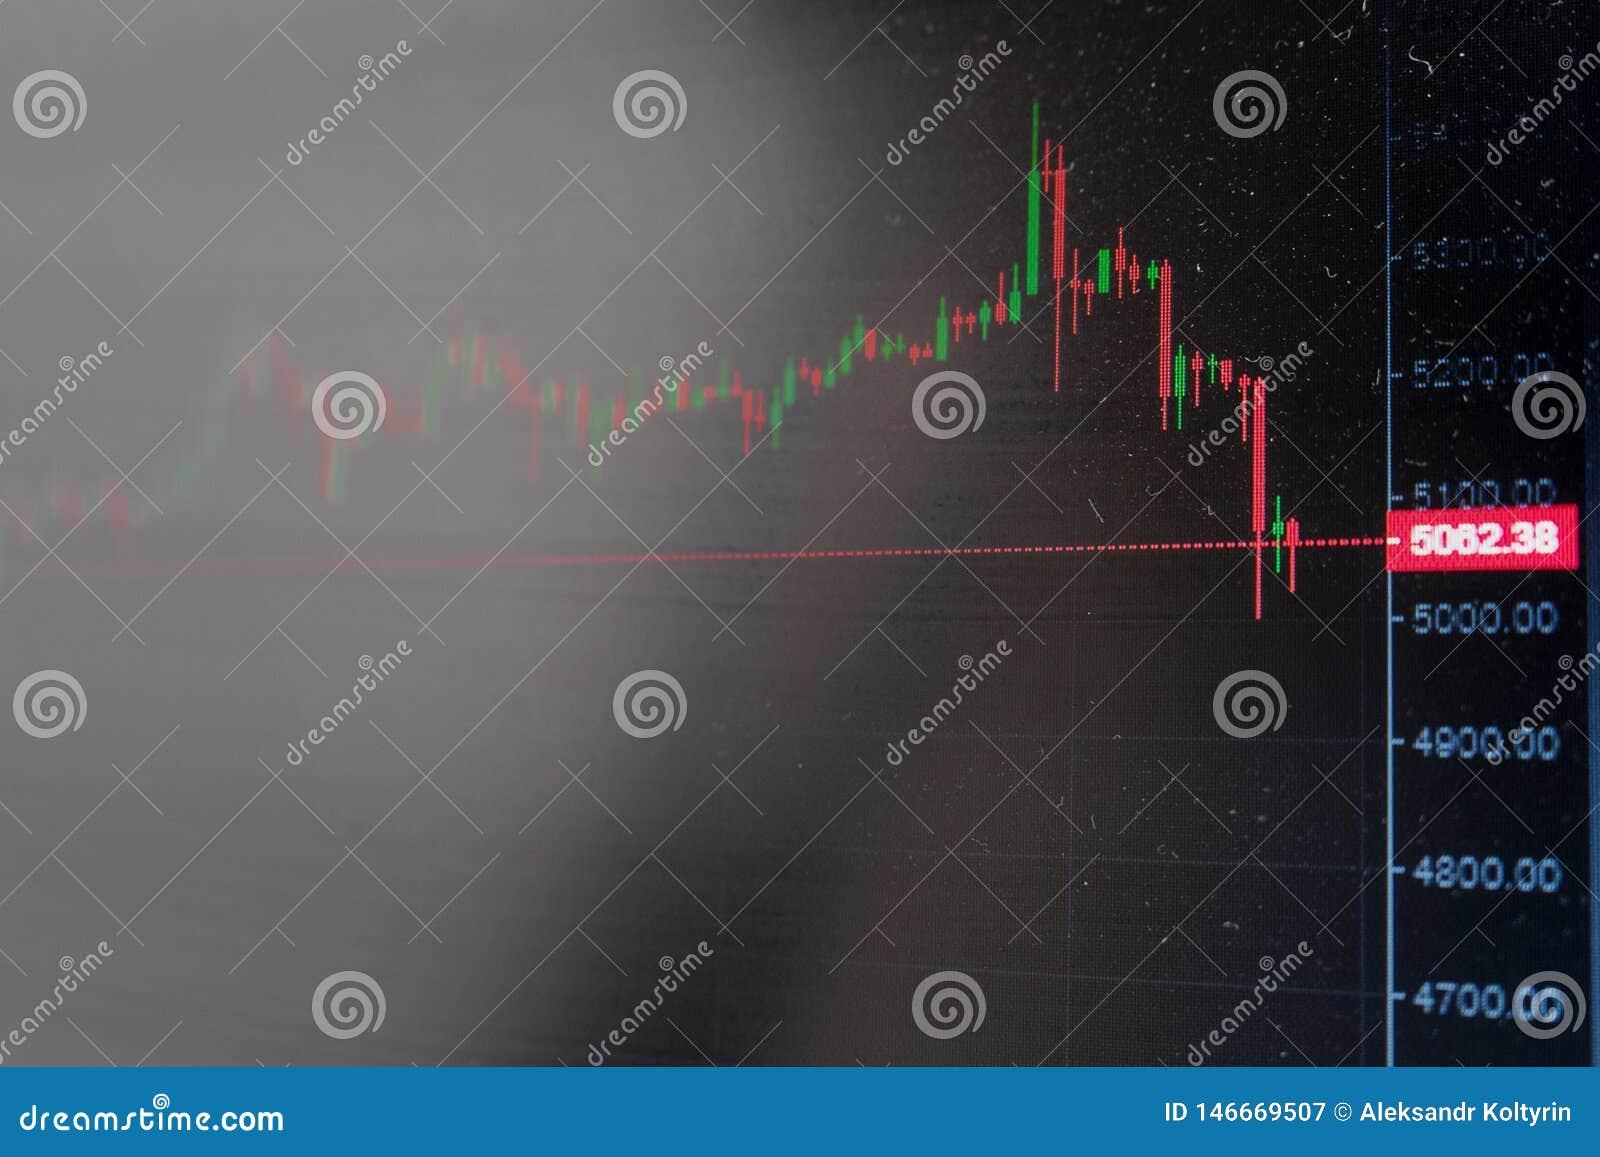 Caída de precios de Bitcoin La volatilidad del concepto del cryptocurrency Carta de la vela de la subida y de la caída de precios